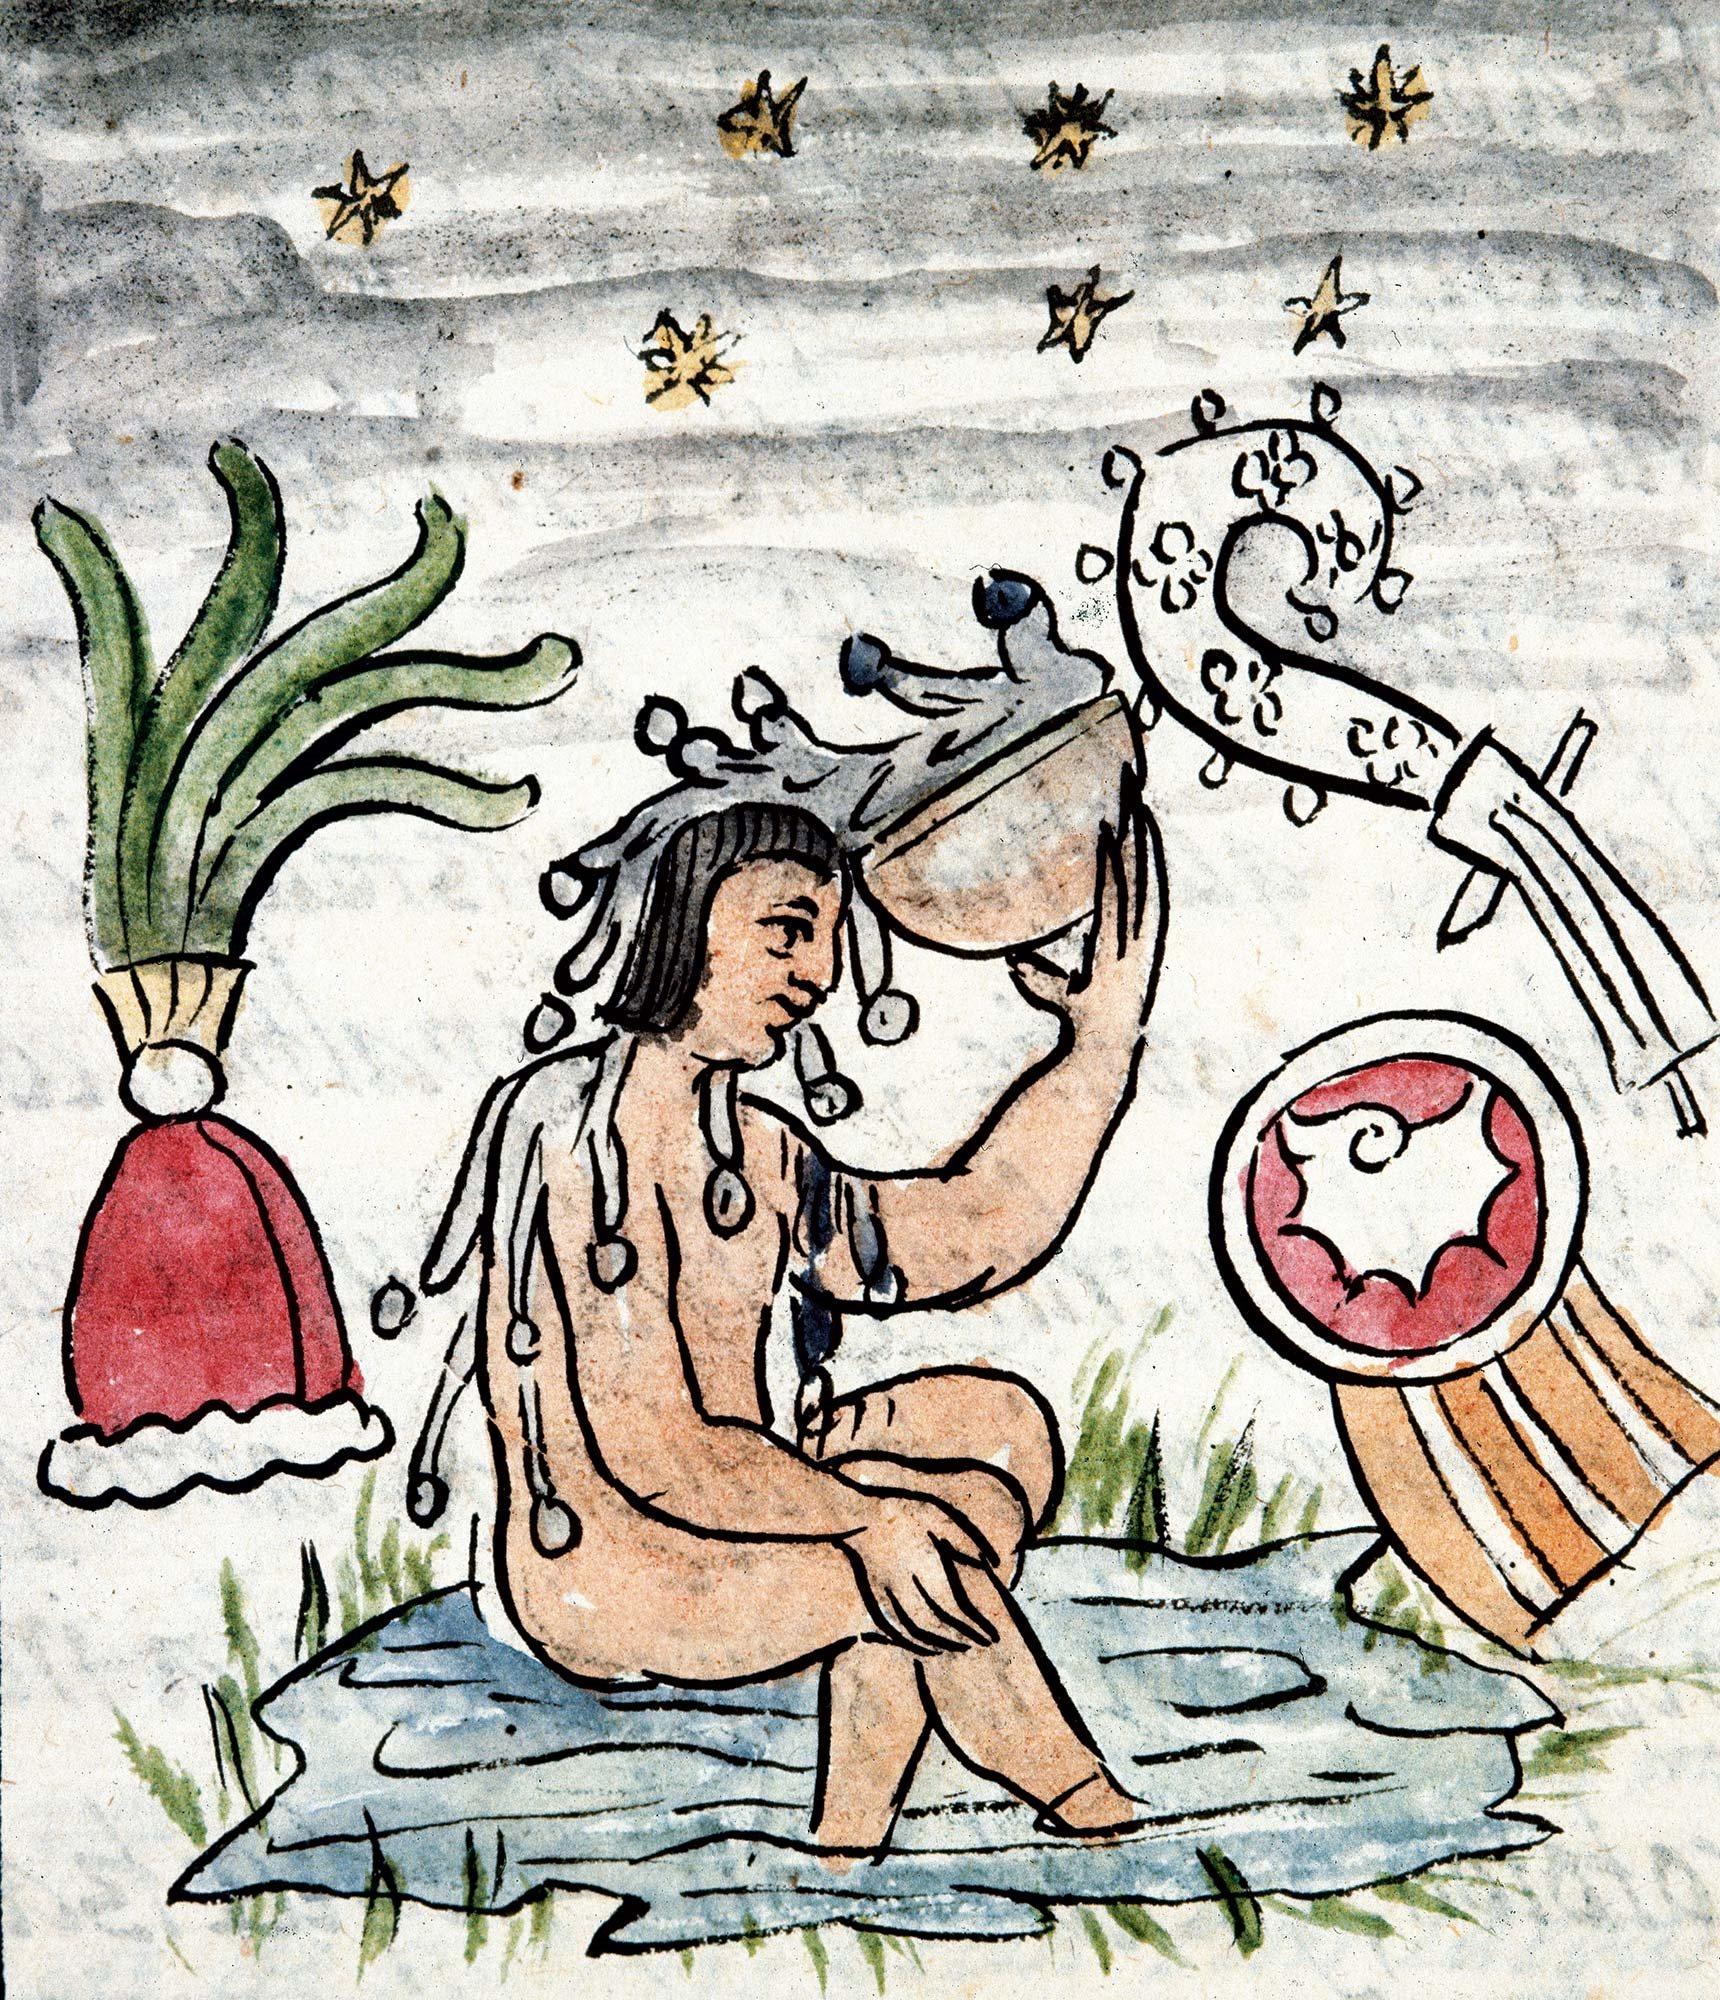 las tortillas se llaman _____ en la lengua de los aztecas.